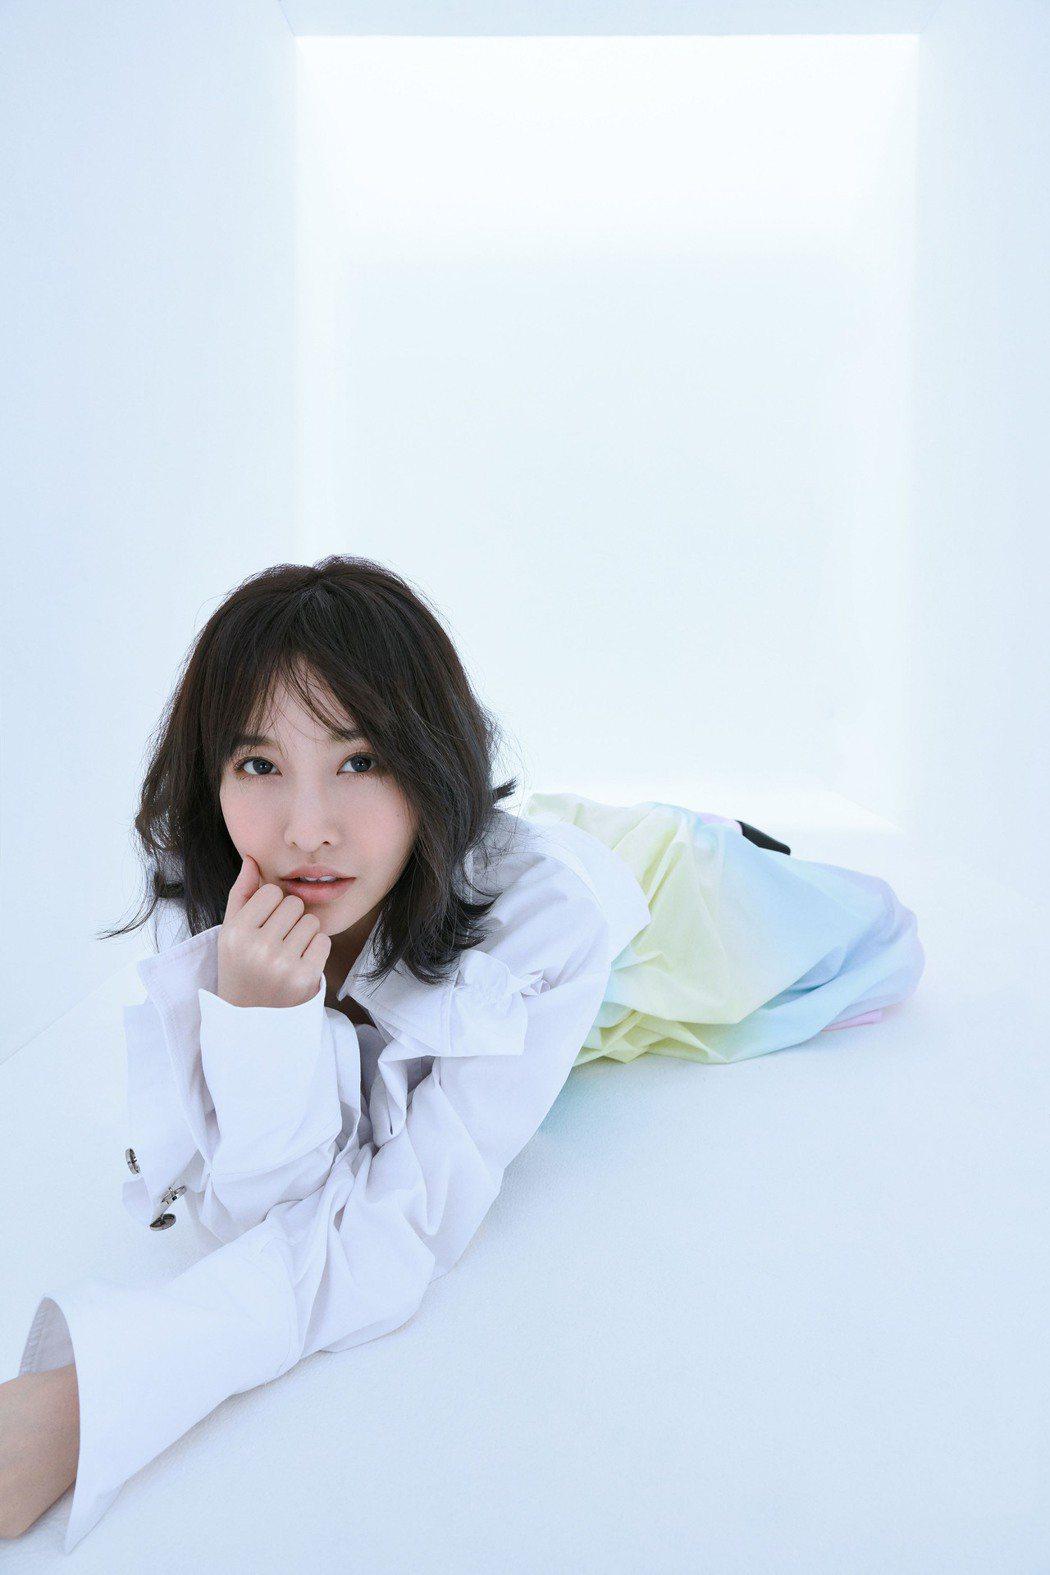 張若凡以直播主歌手發跡,歌聲獲老蕭、林宥嘉盛讚。圖/浪Live提供